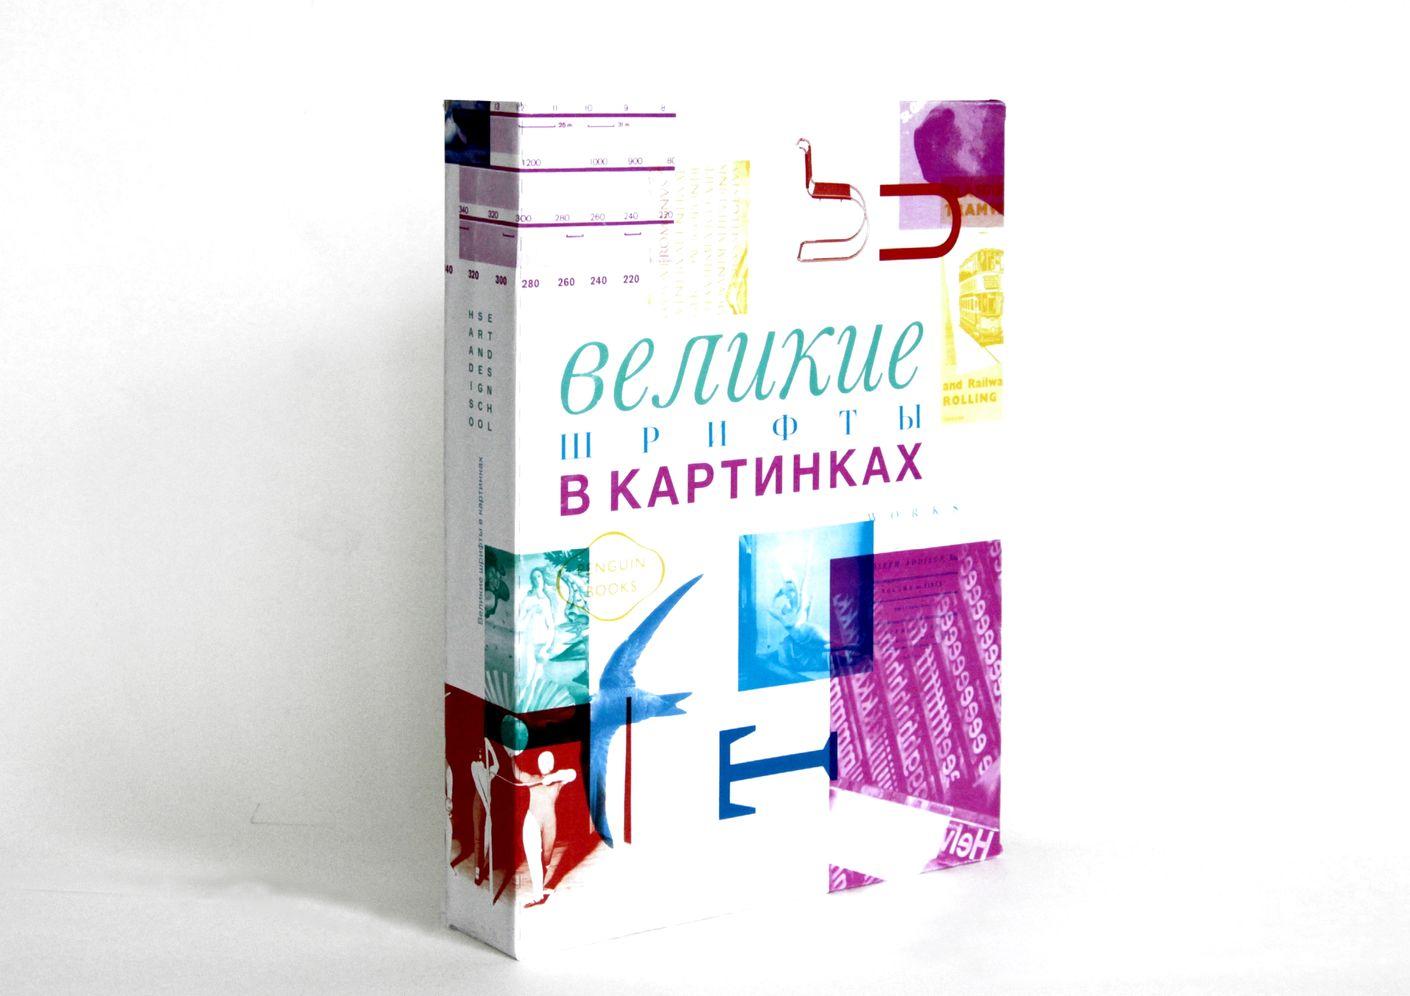 Визуальные исследования. Книга Великие шрифты вкартинках. hsedesignlab.ru